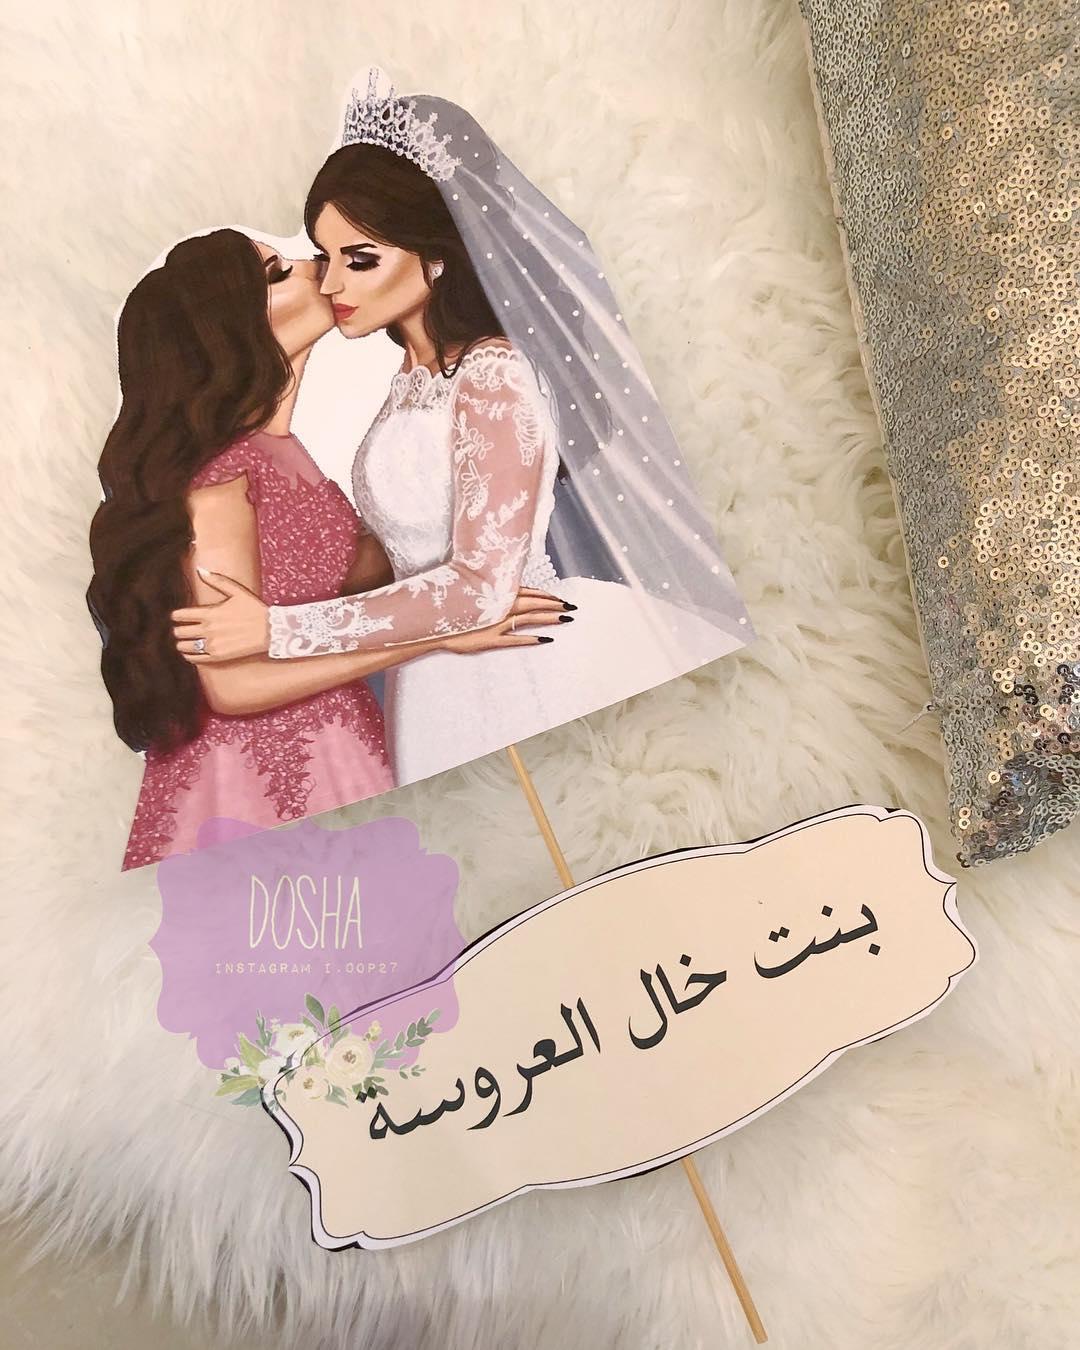 صور مكتوب عليها اخت العروسه 2020 15